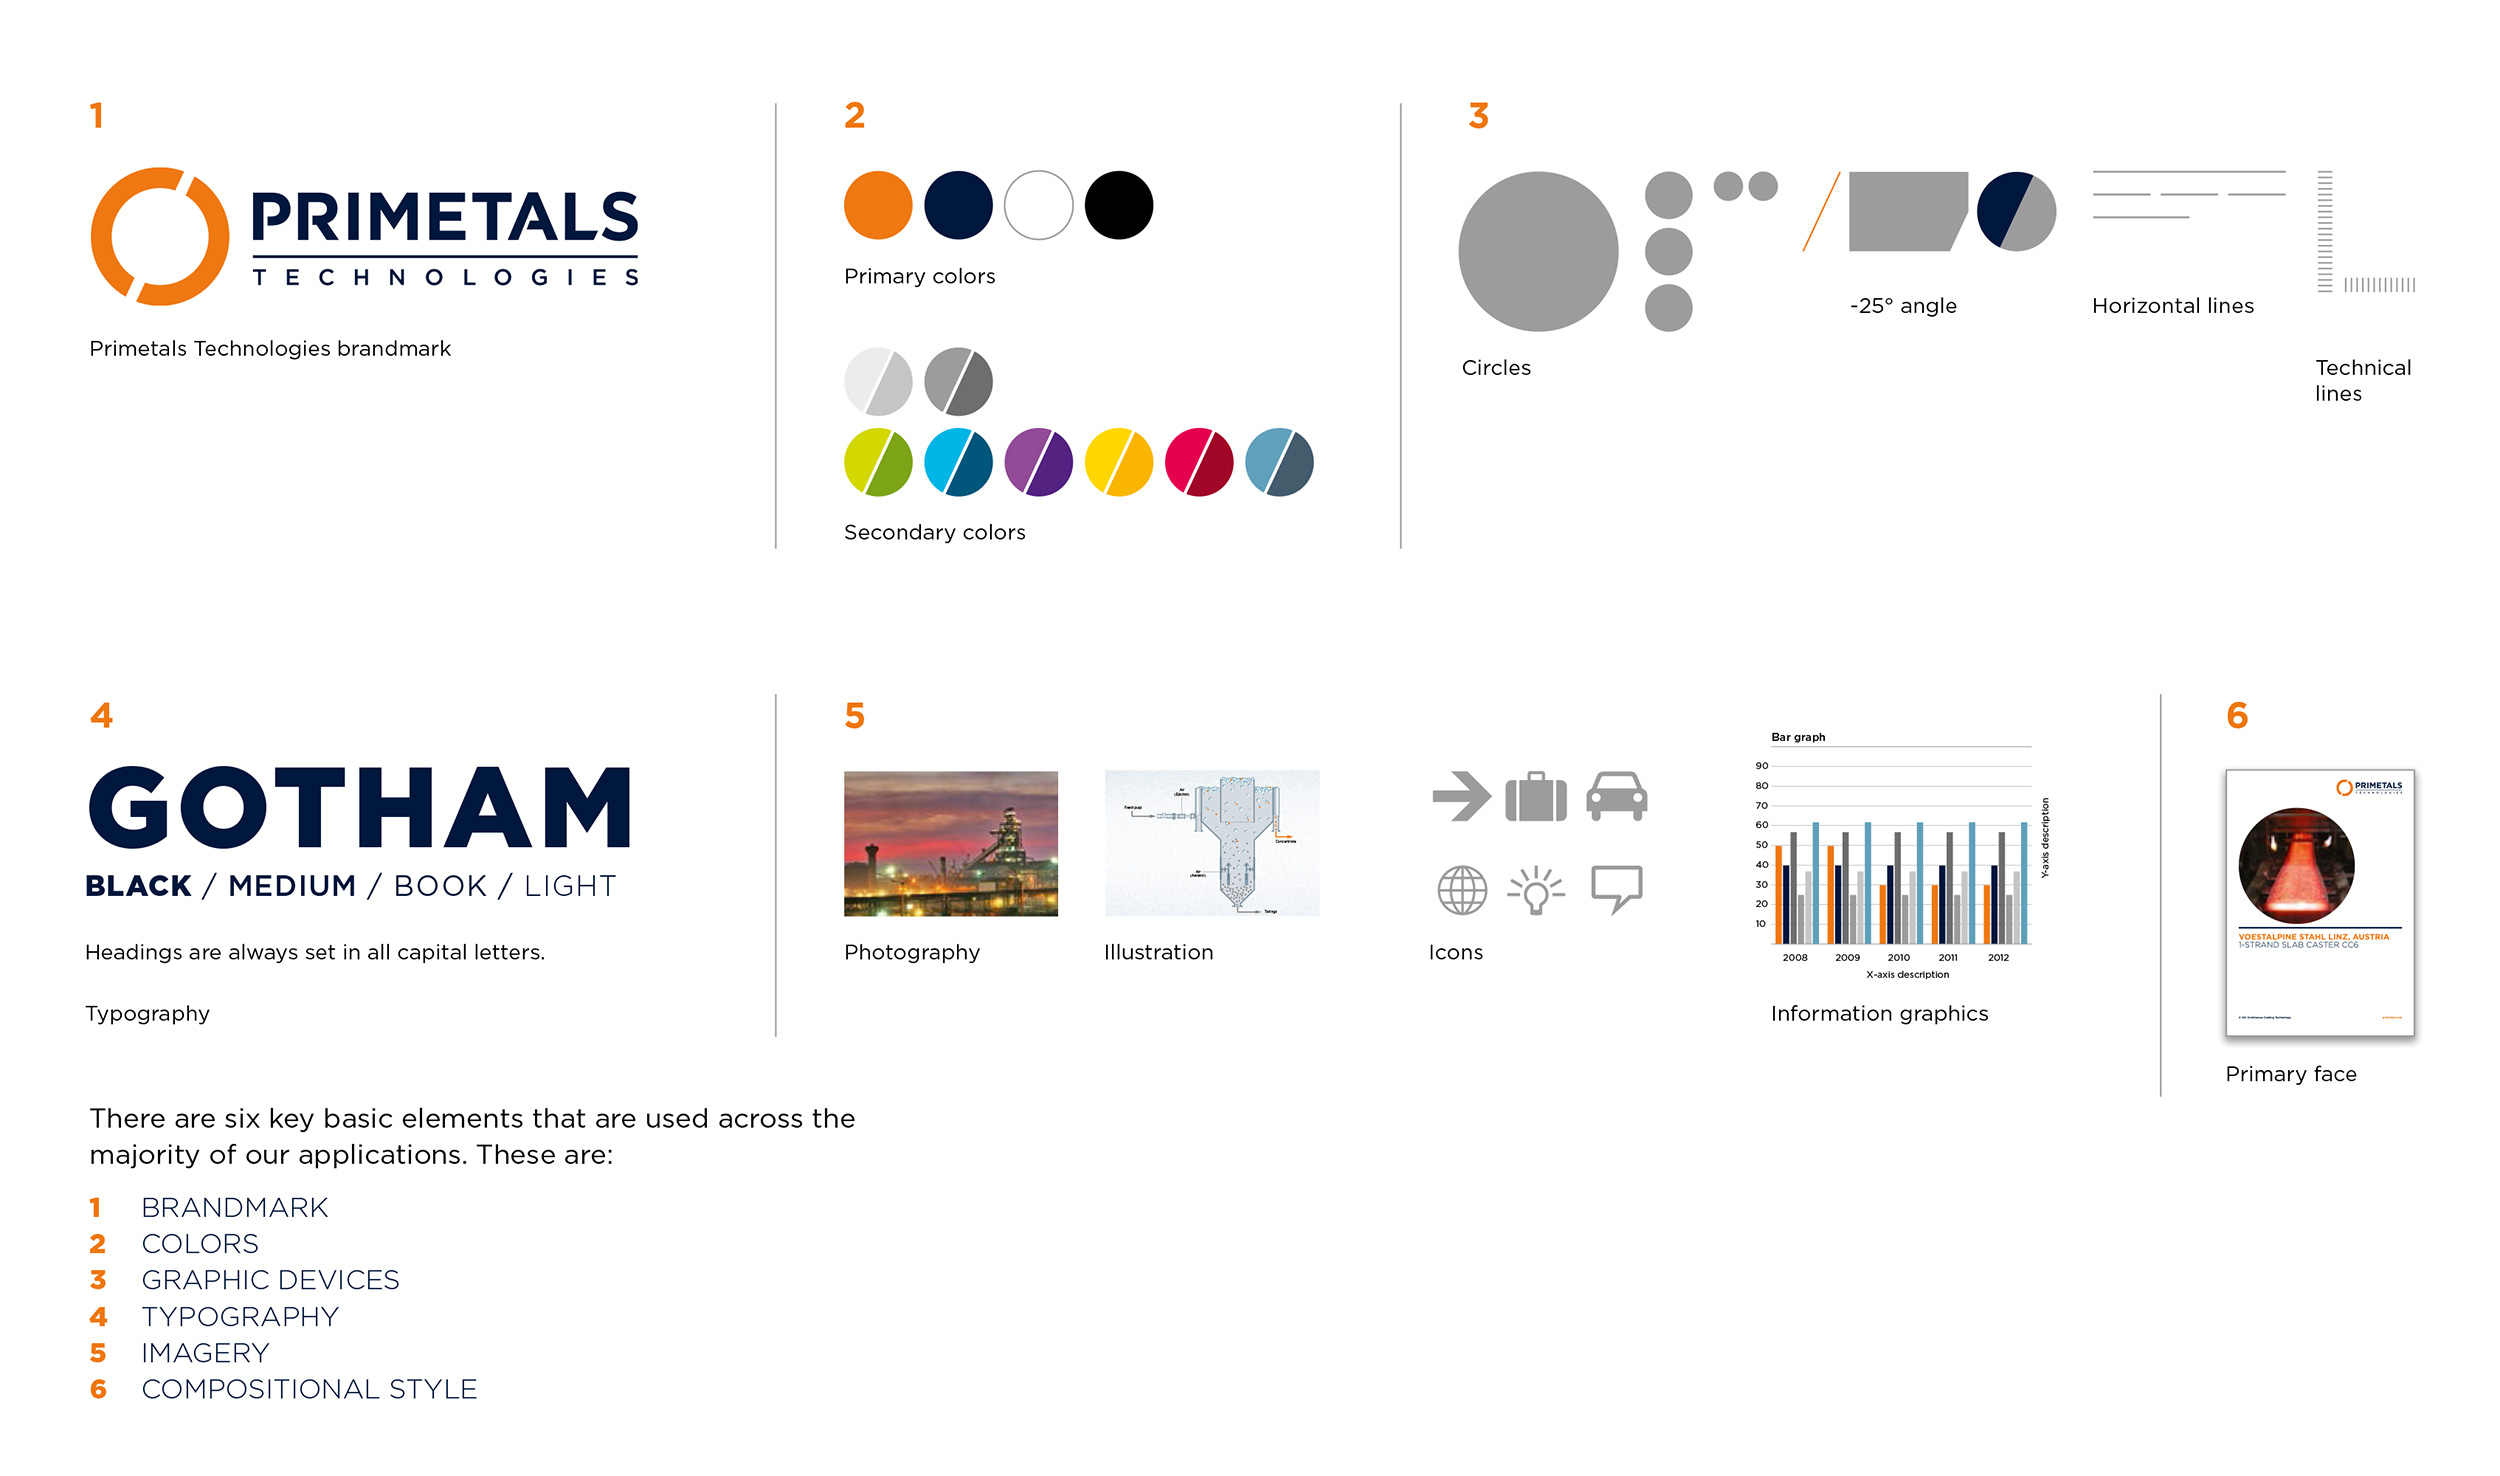 Primetals brand visuals